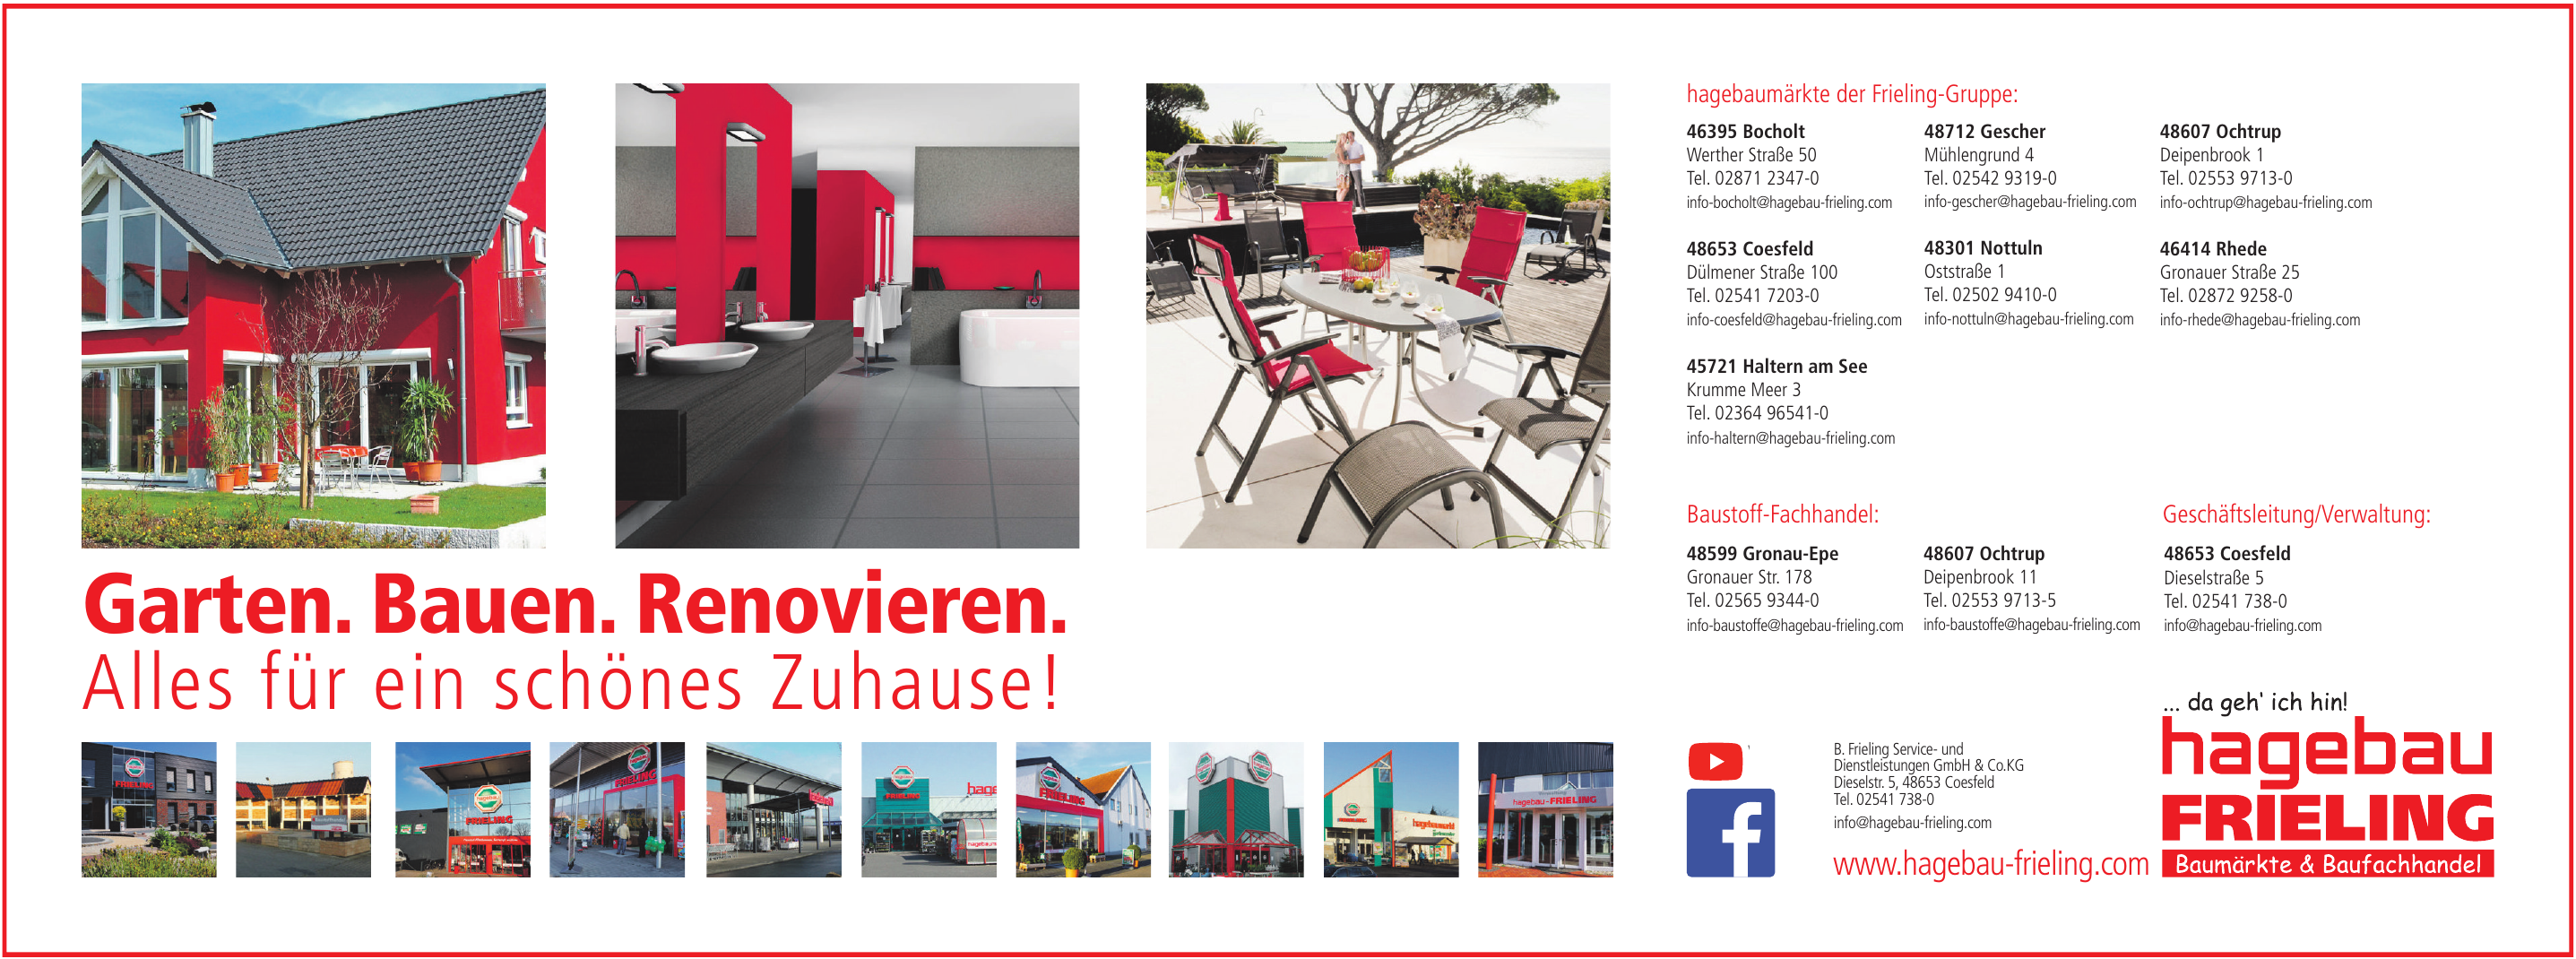 B. Frieling Service- und Dienstleistungen GmbH & Co.KG